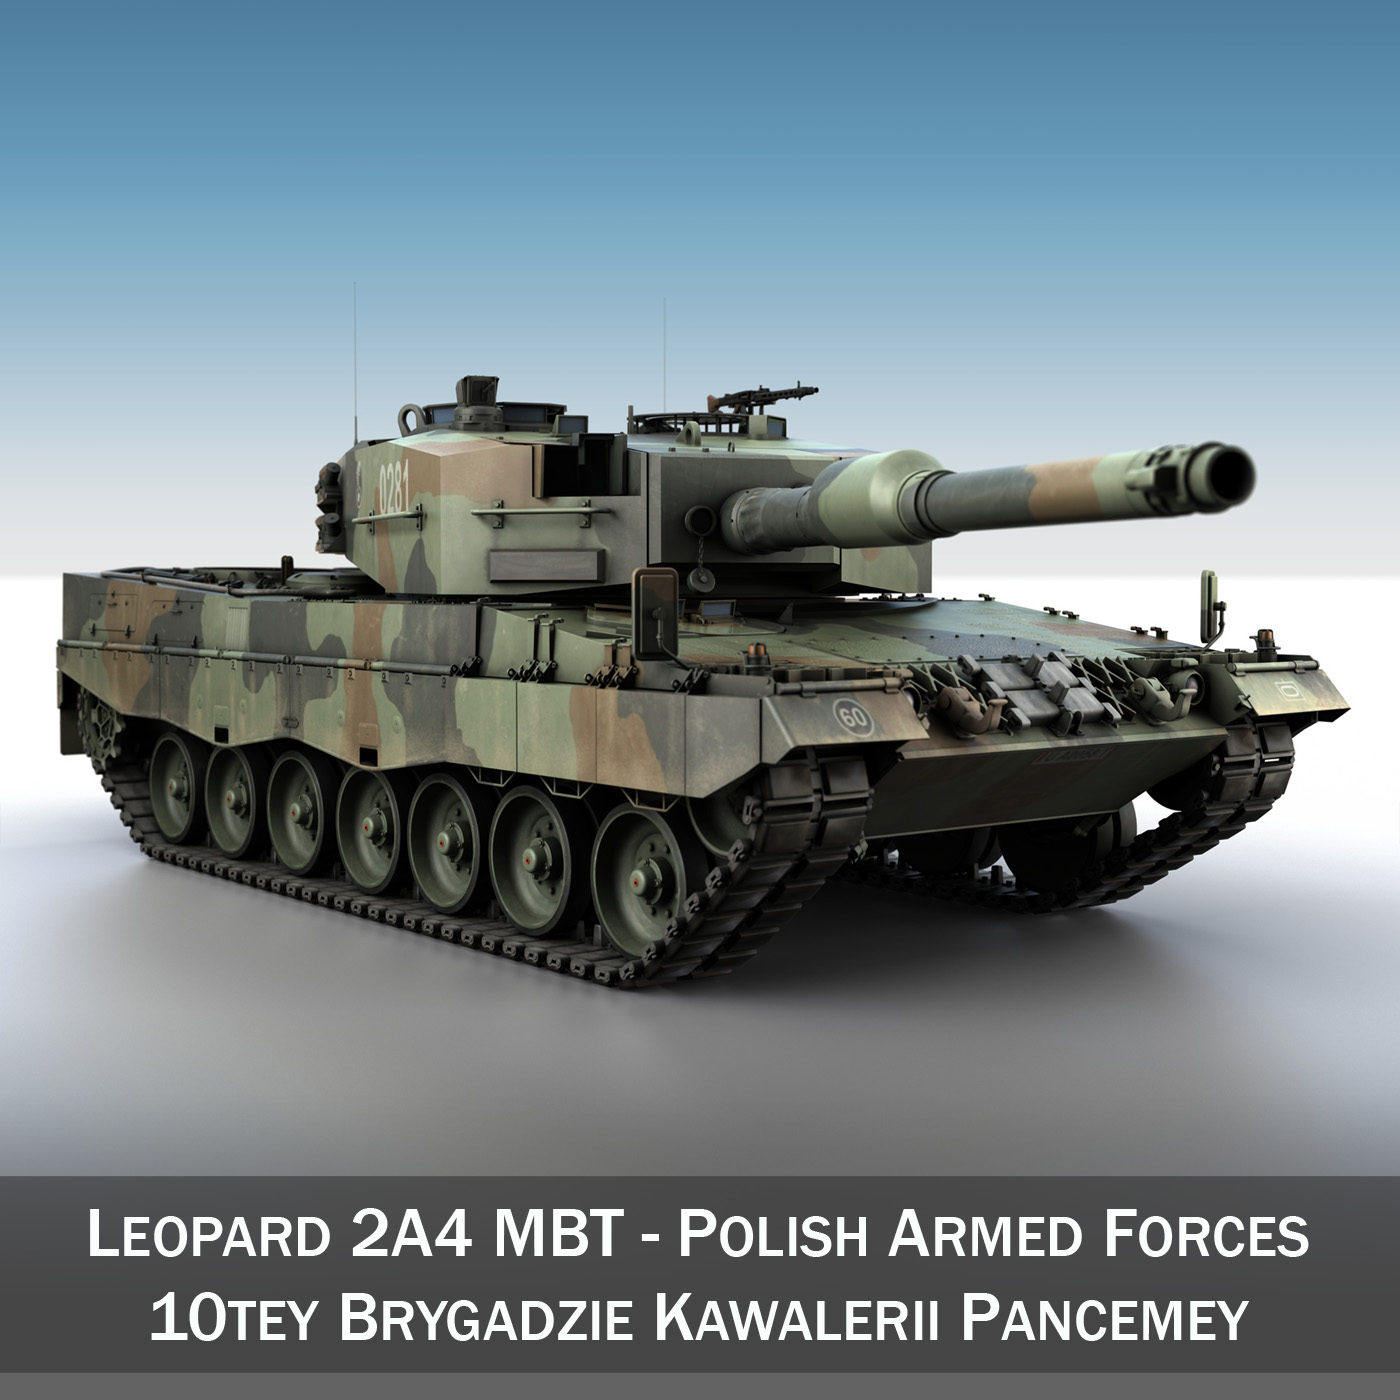 Liopard 2a4 mbt - arm snasta 1 3d samhail 3ds fbx c4d lwo obj 197271